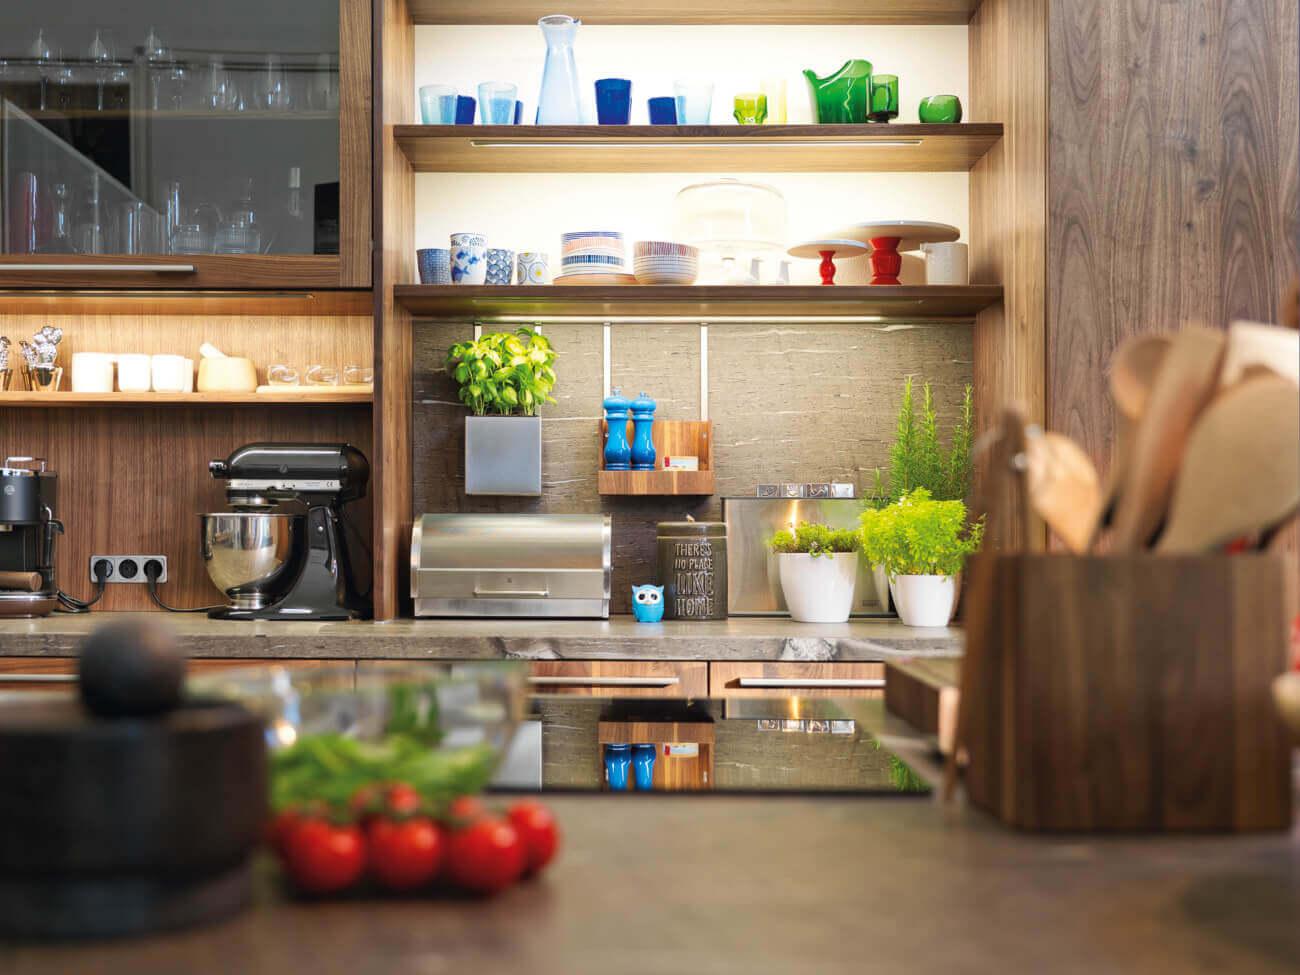 Full Size of Lampe Küche Kchenplanung Und Beleuchtung Das Richtige Licht In Der Kche Büroküche Gebrauchte Barhocker Hochglanz Anrichte Mit Geräten Tapeten Für Wohnzimmer Lampe Küche